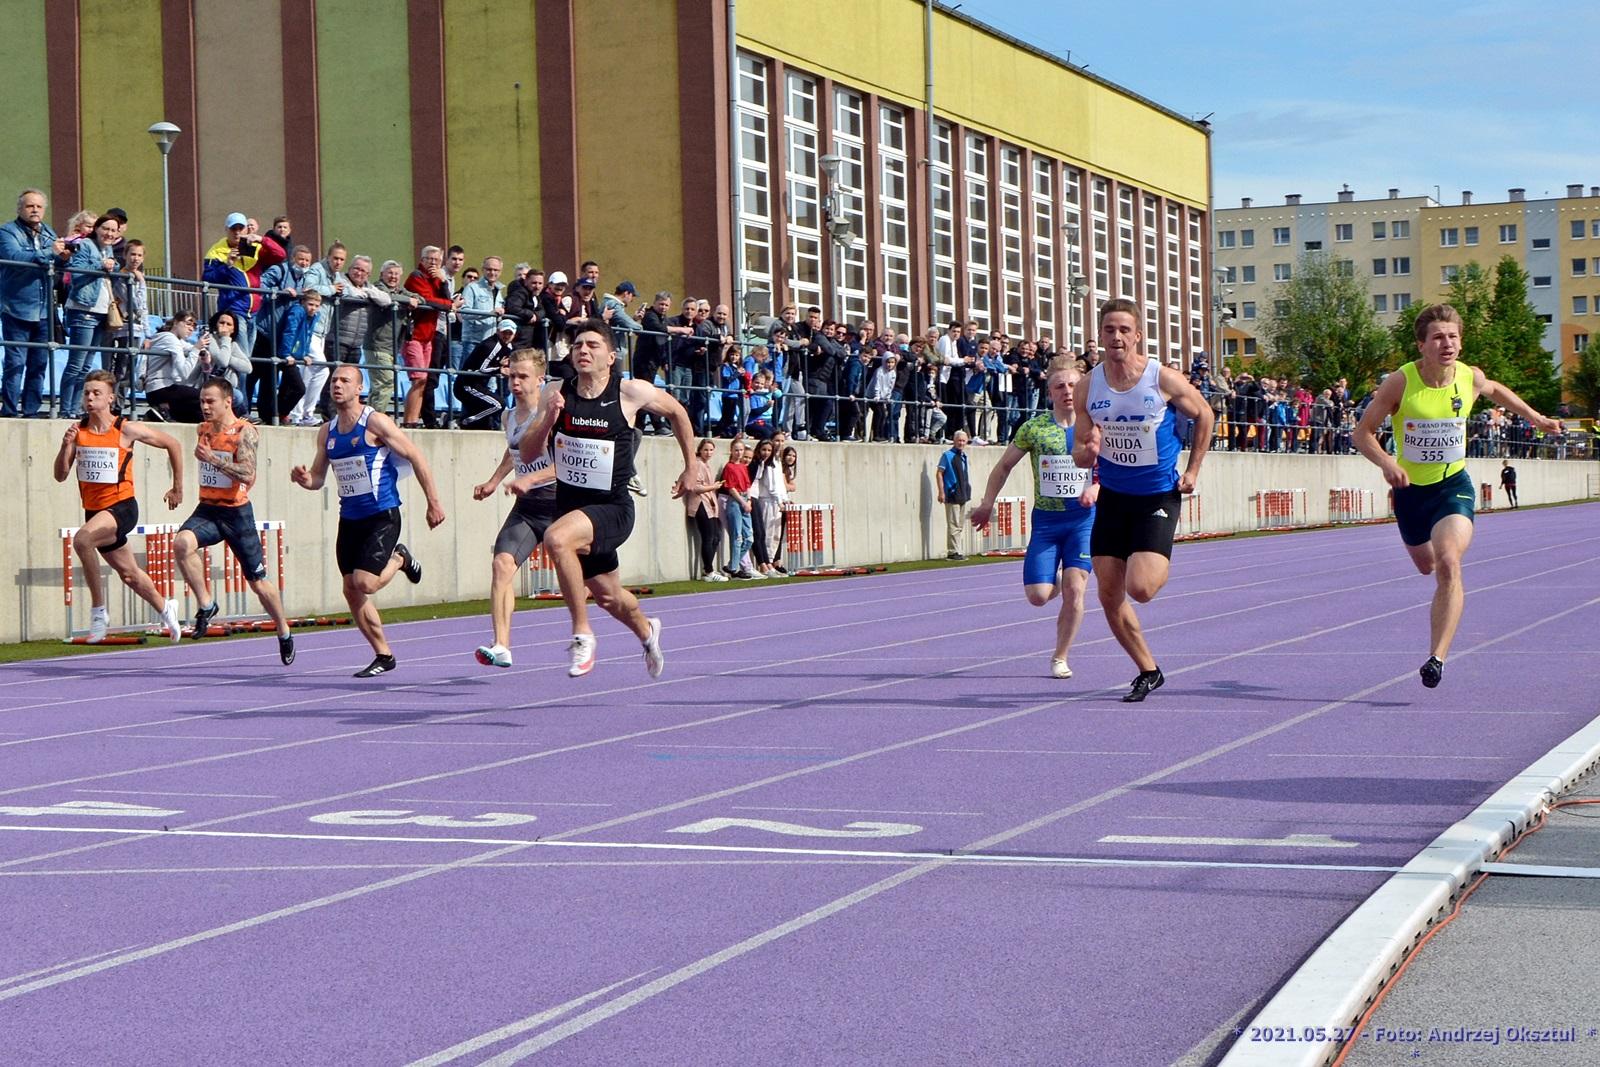 biegacze na fioletowej bieżni